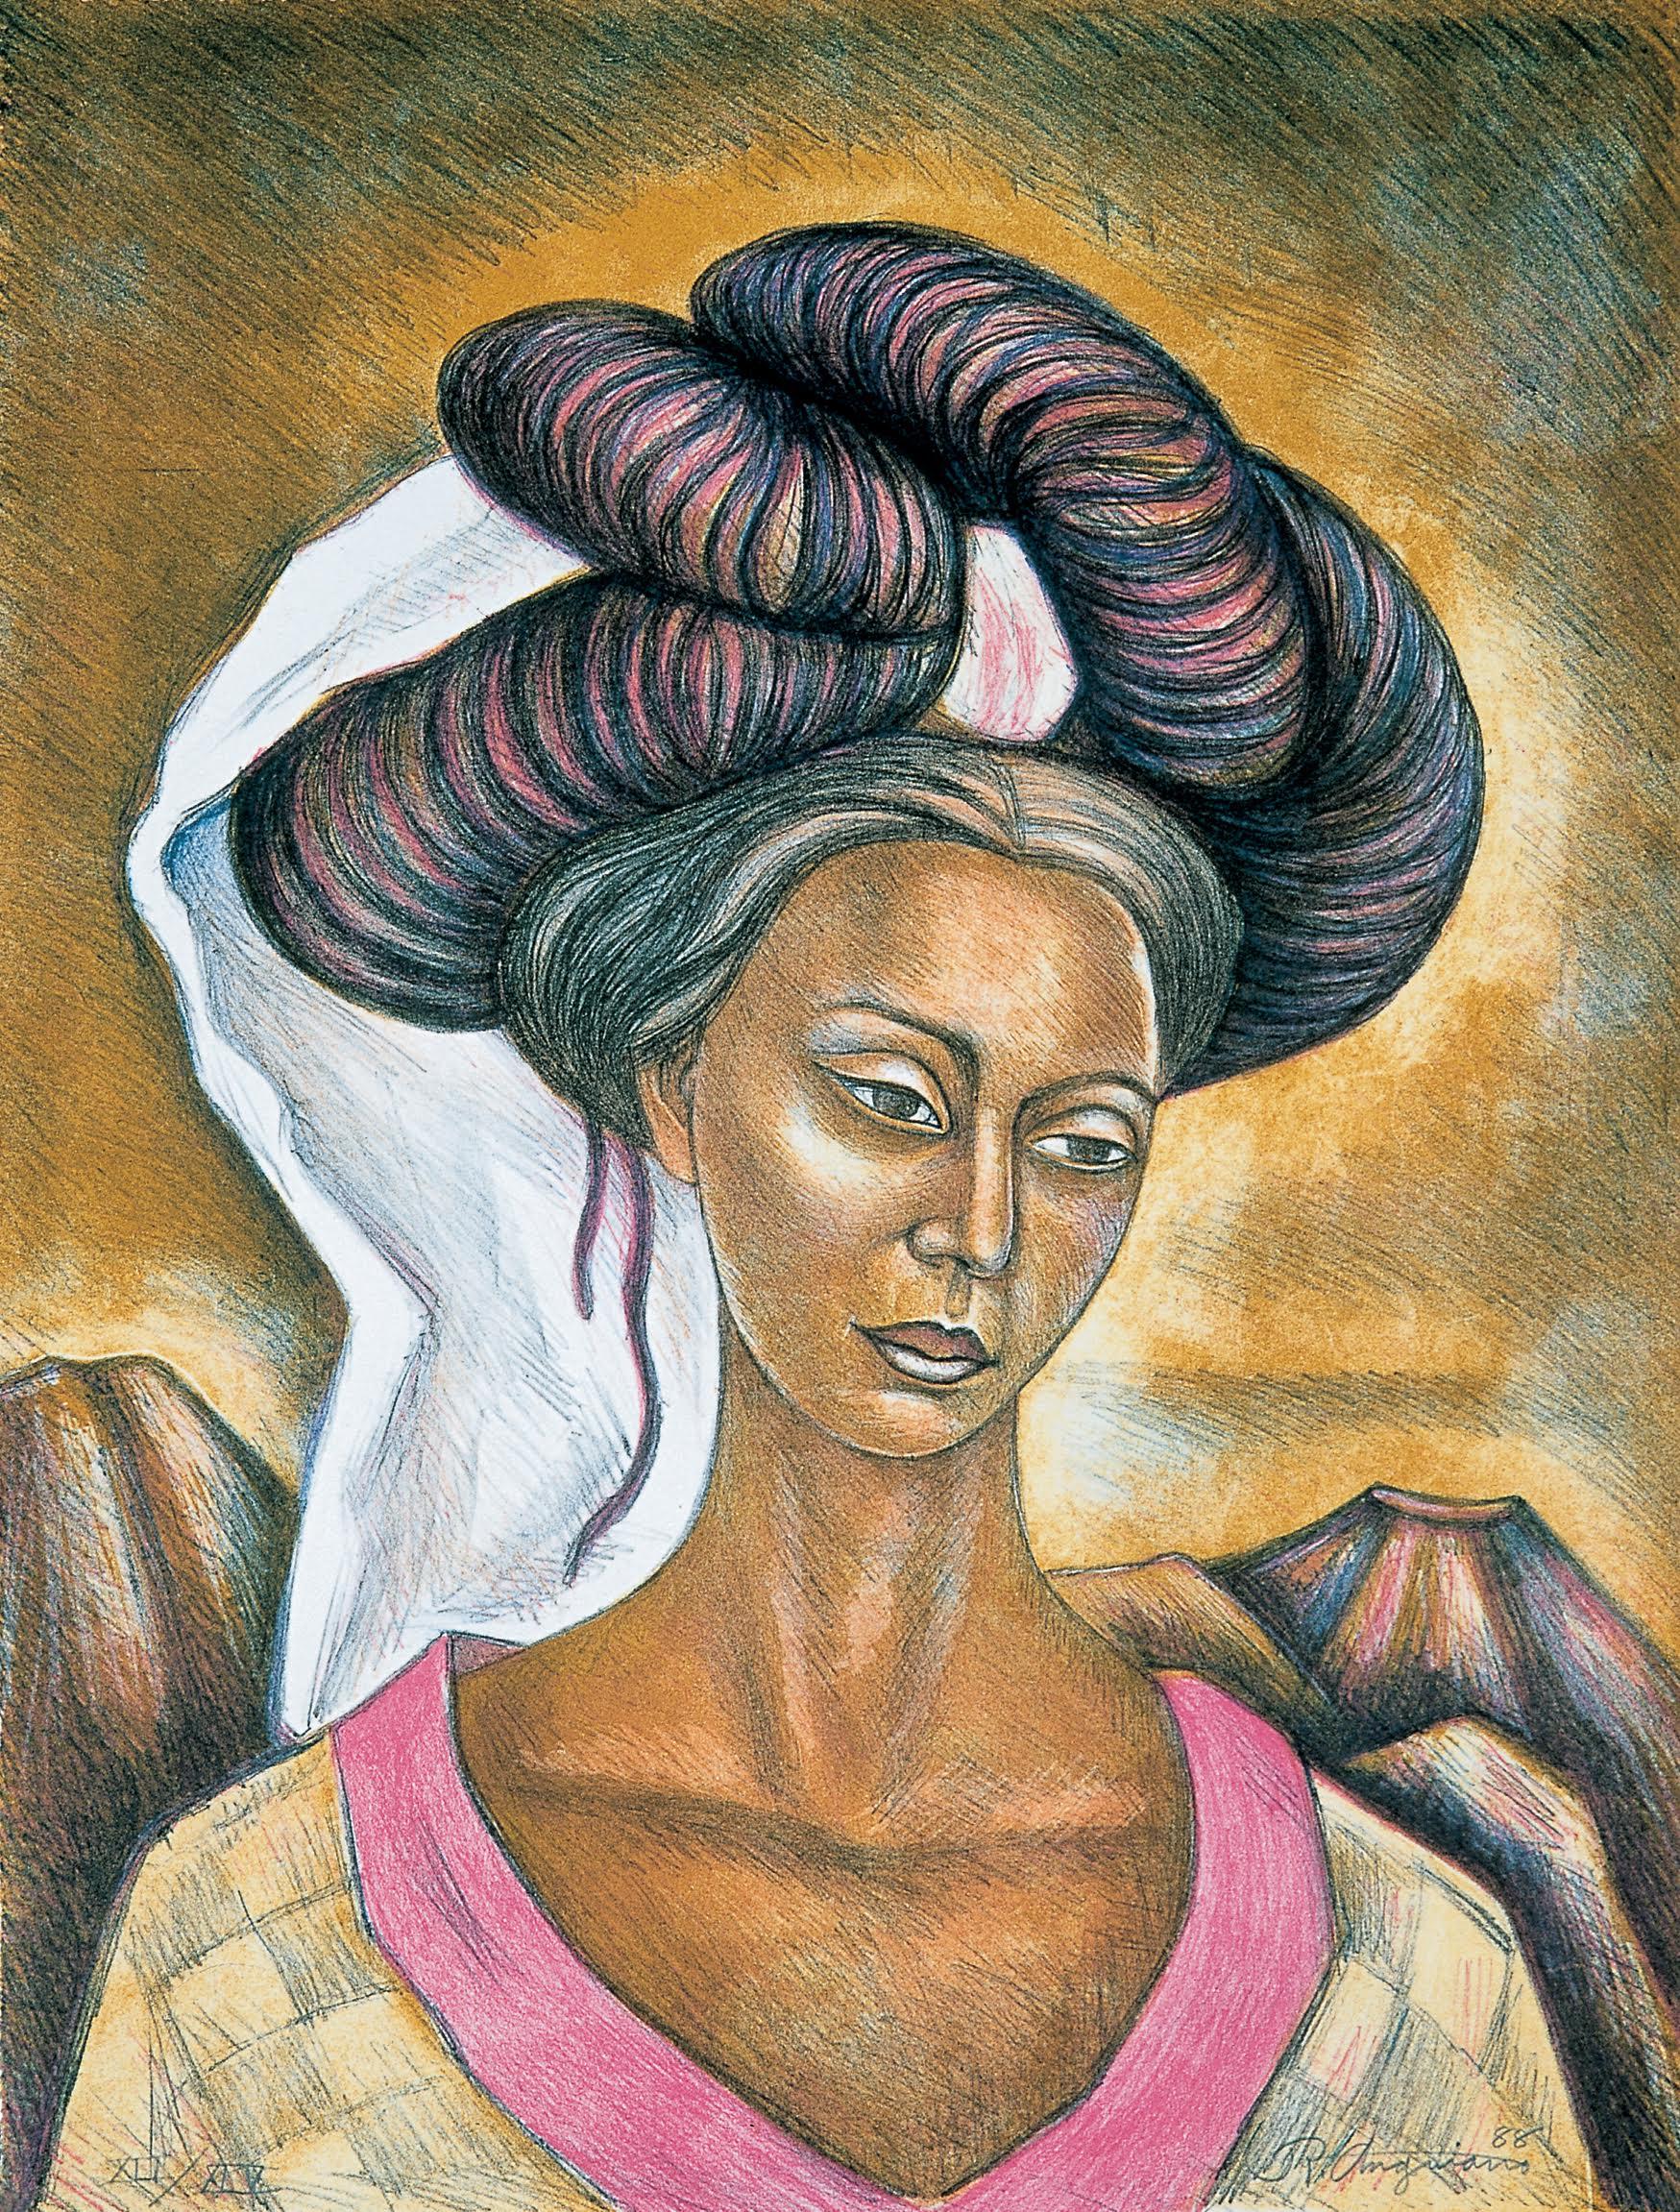 Mujer indigena plasmada en una obra pictorica de Raúl Anguiano